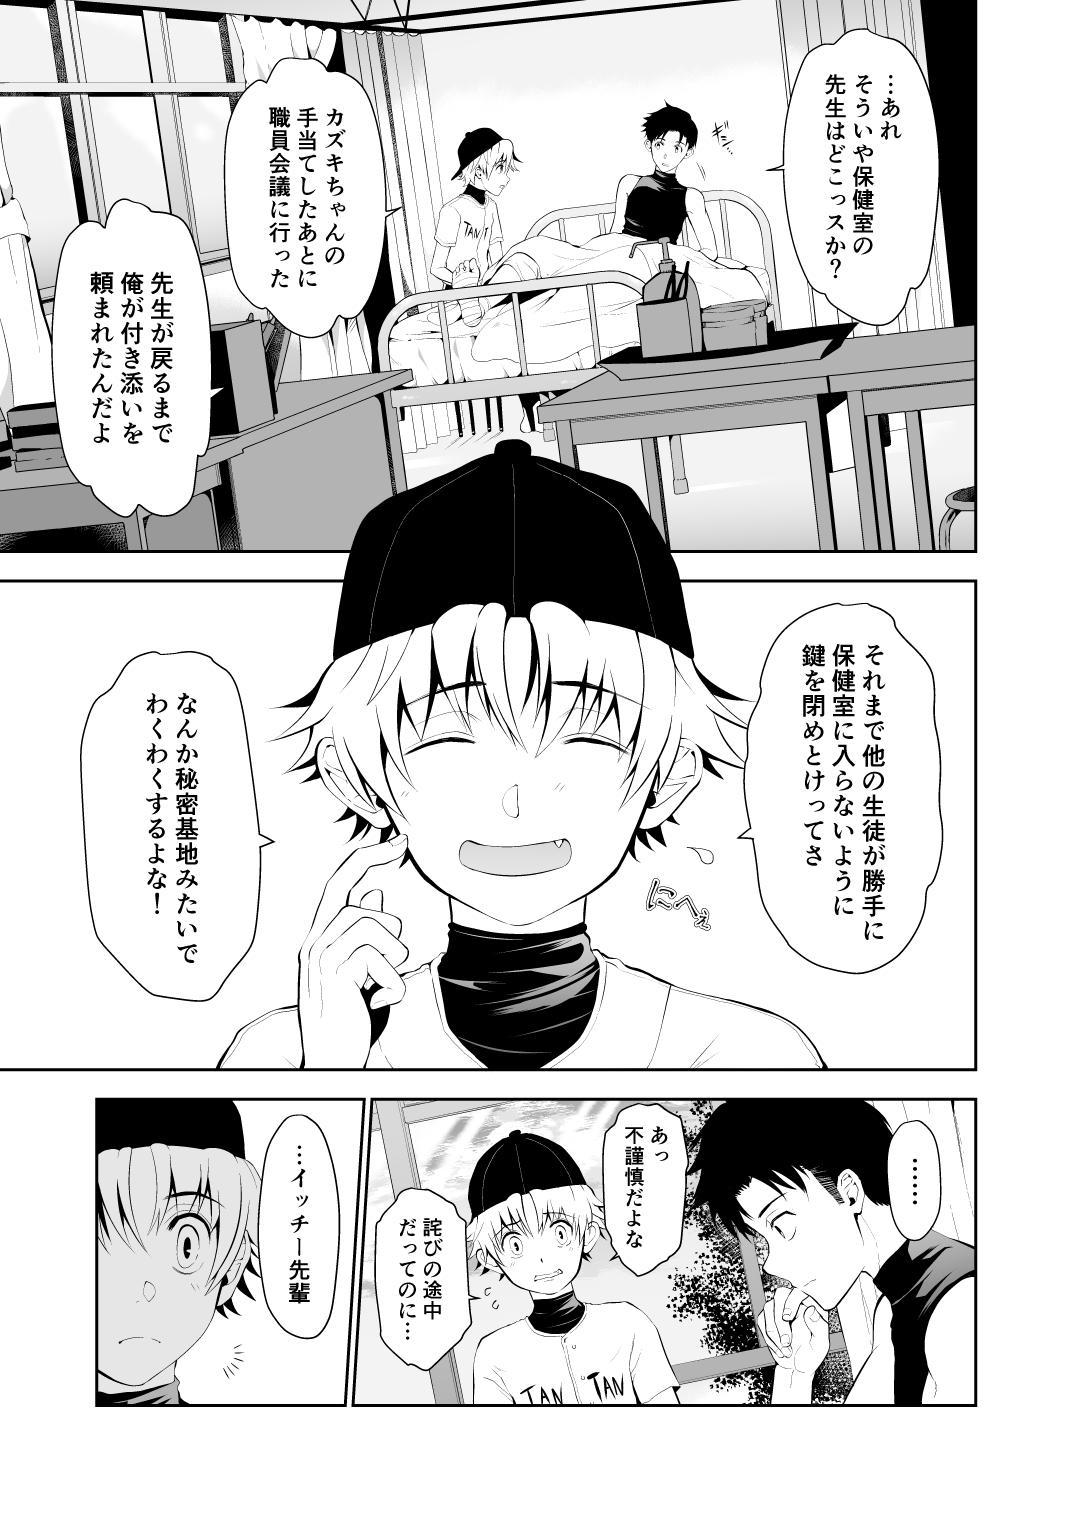 Shishunki Kyuuji nan Dakara Hokenshitsu demo Ecchi Shitaissu 5